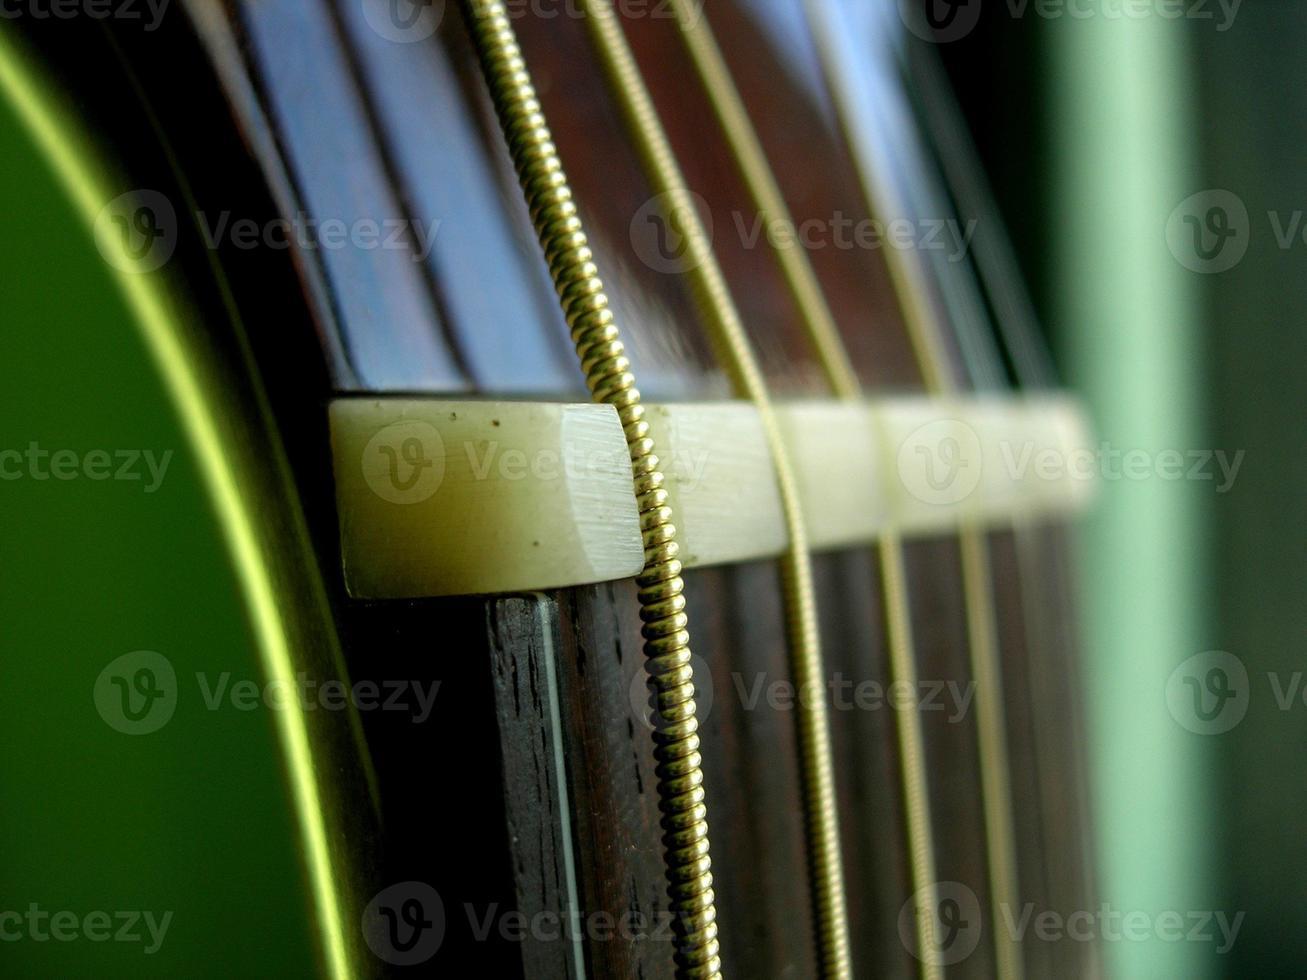 guitarra acústica 3 foto